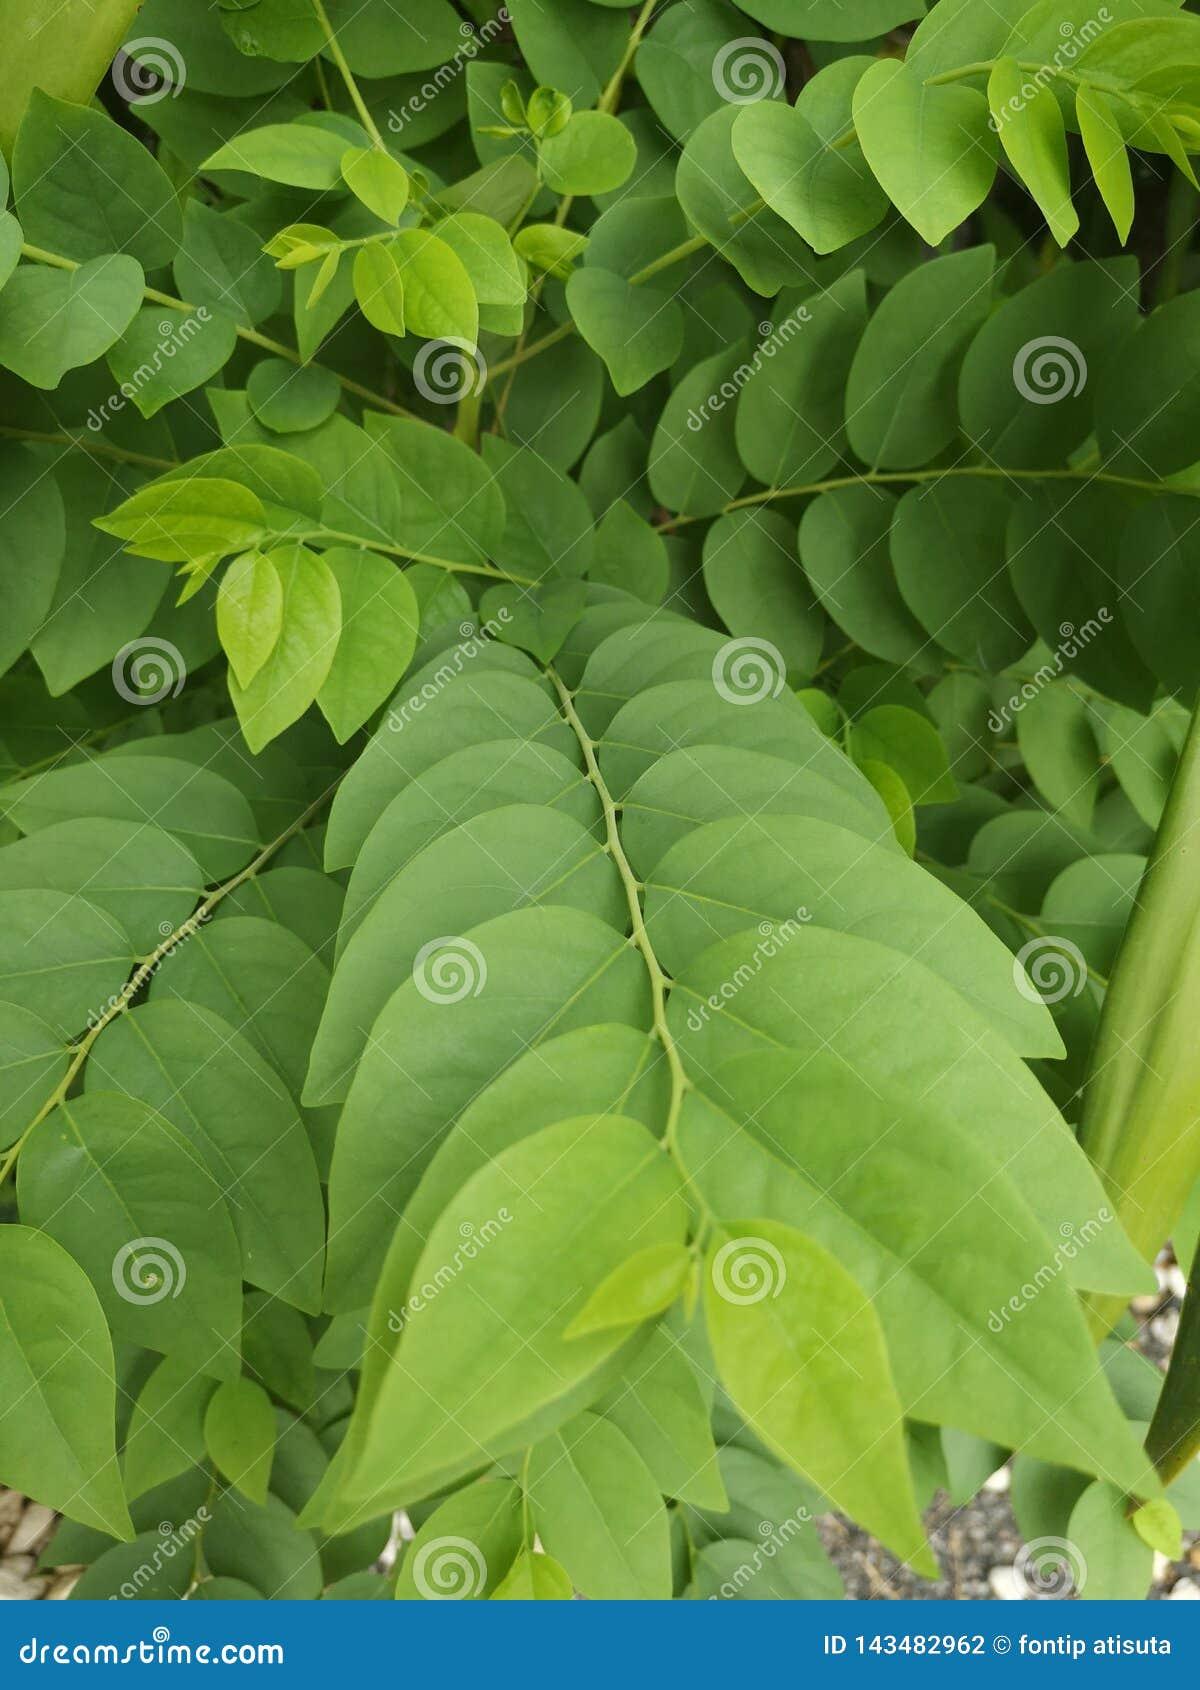 Treeof星鹅莓